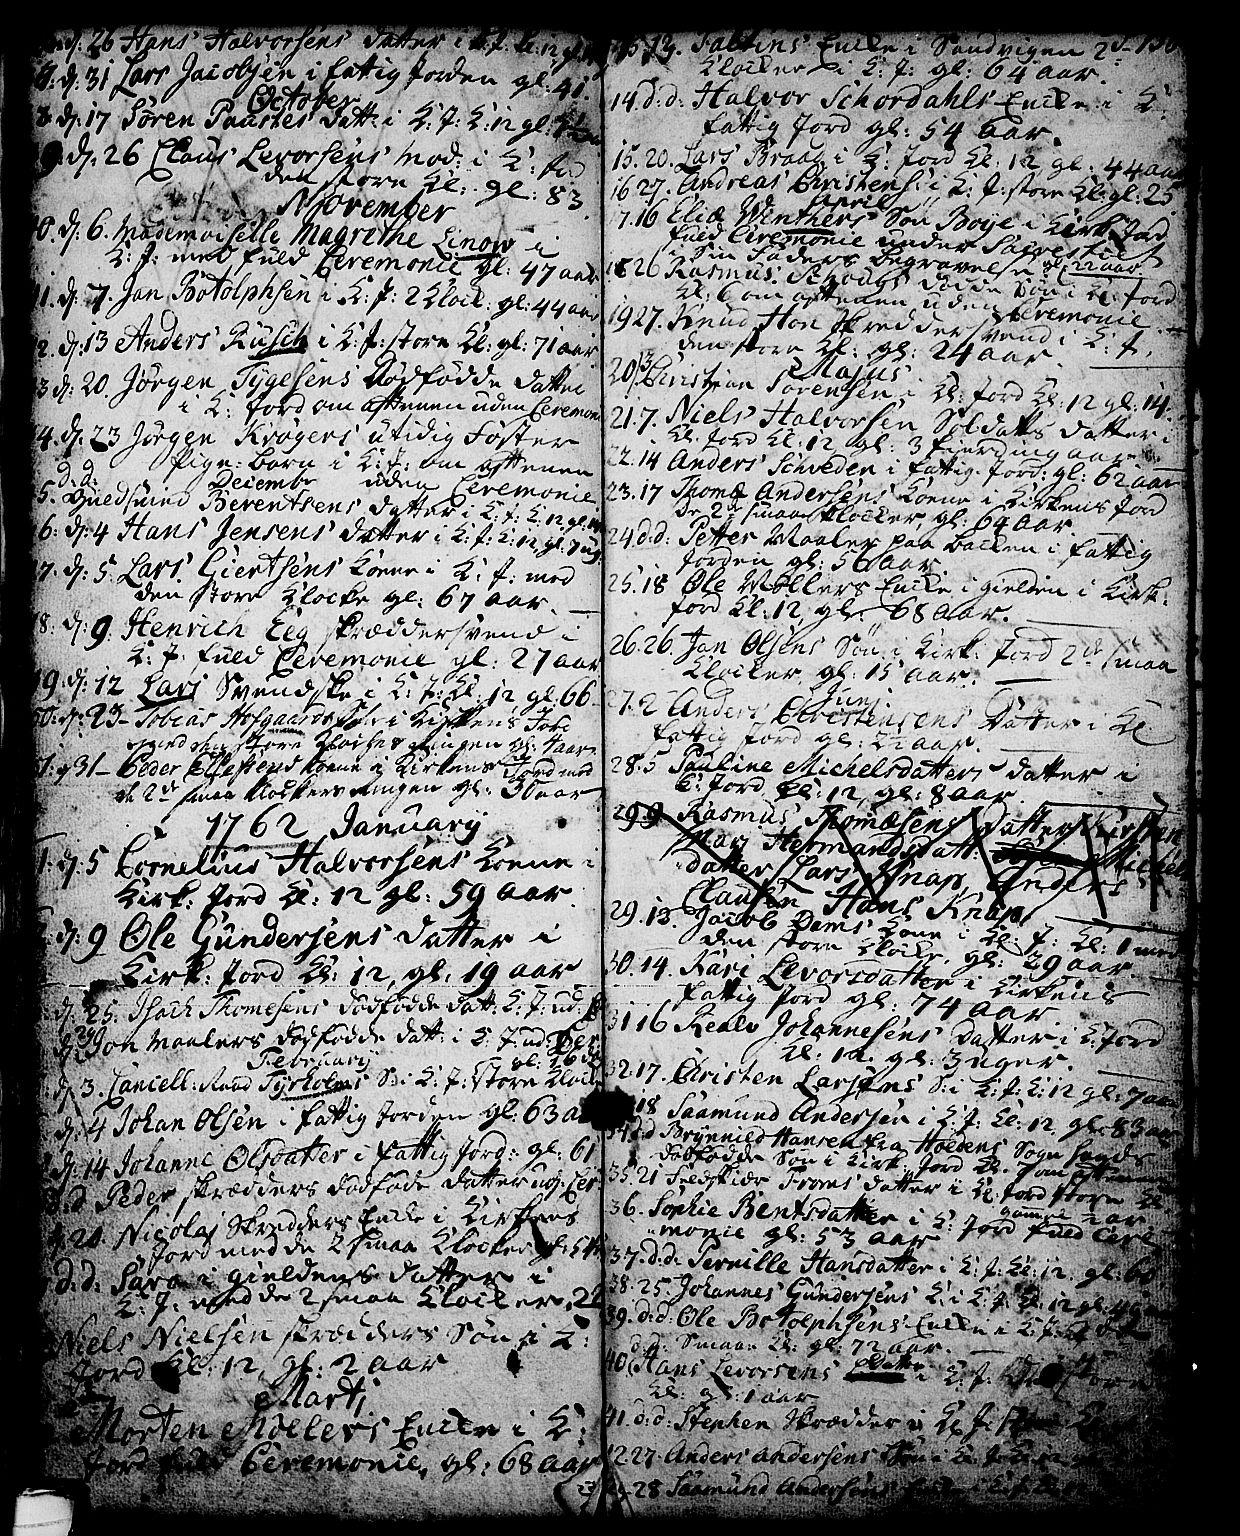 SAKO, Skien kirkebøker, G/Ga/L0001: Klokkerbok nr. 1, 1756-1791, s. 138